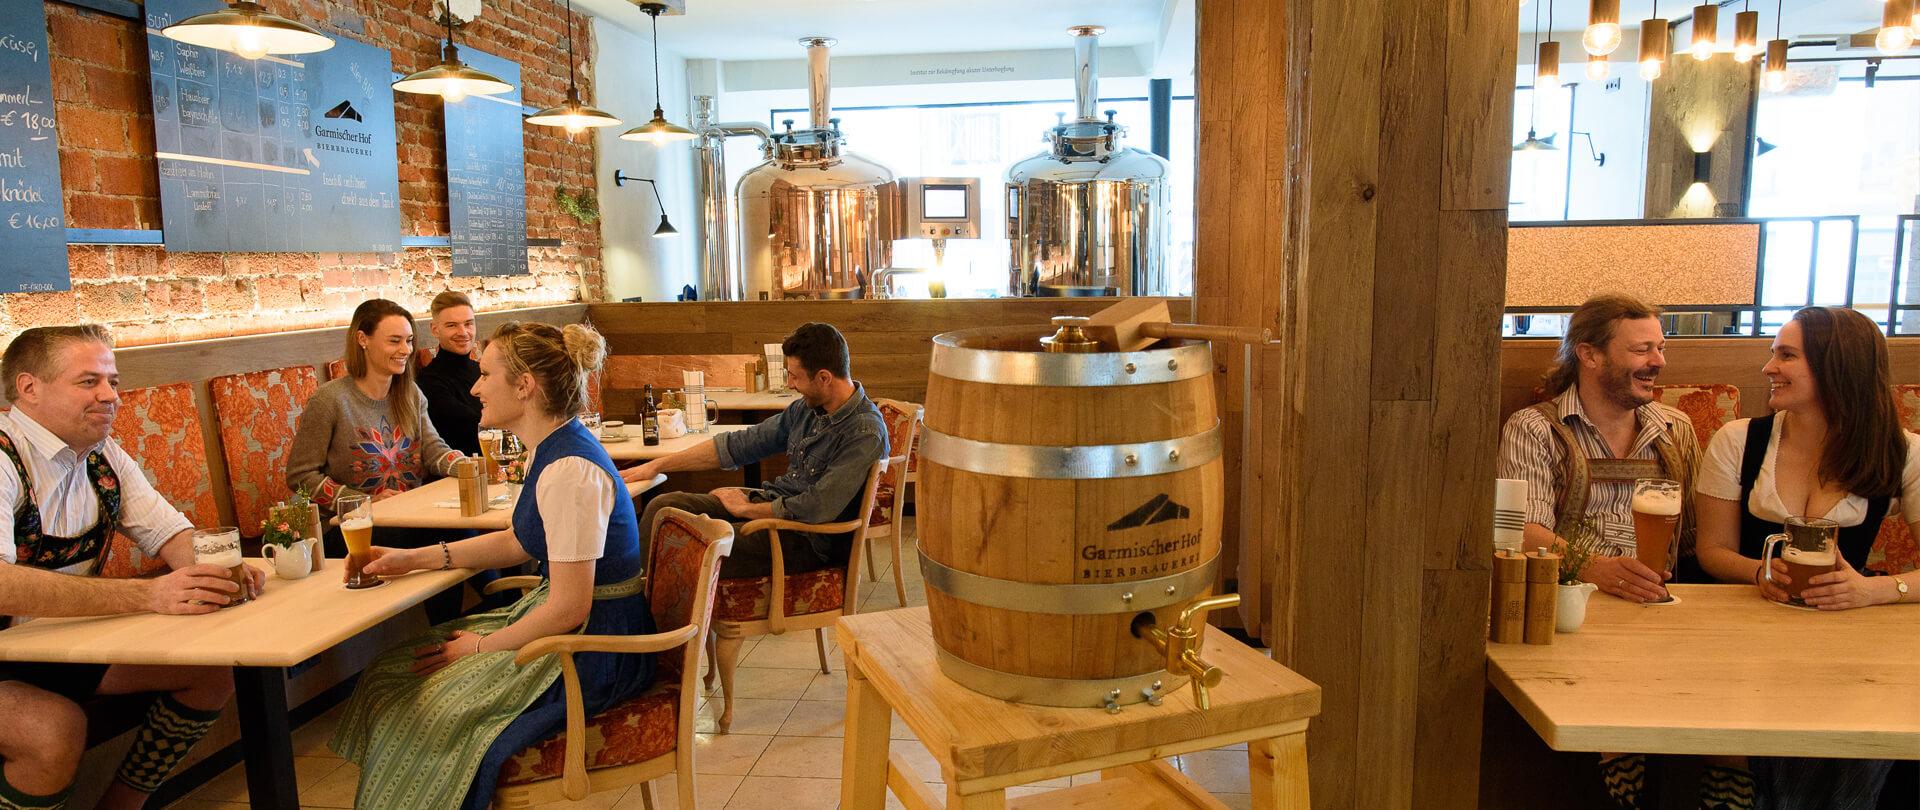 Garmischer Hof Bierbrauerei Menschen in der Brauerei